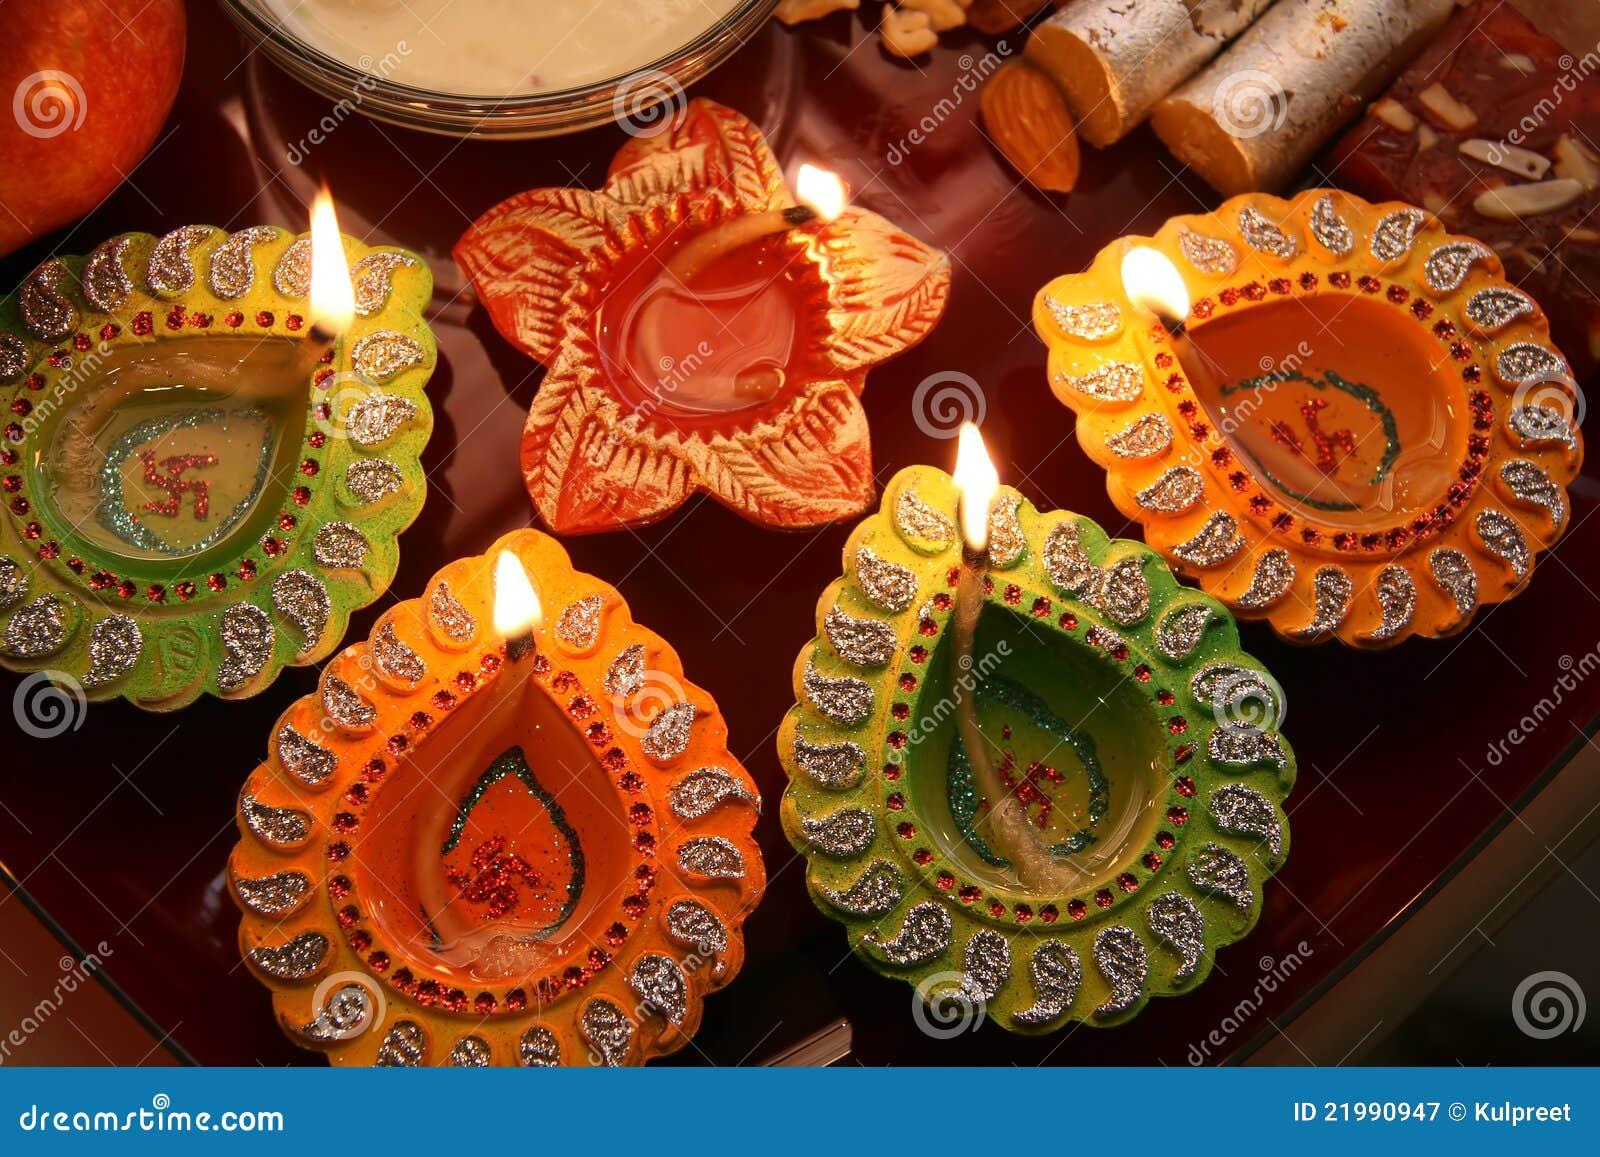 Diwali Thali With Decorated Diya Royalty Free Stock  : diwali thali decorated diya 21990947 from www.dreamstime.com size 1300 x 957 jpeg 257kB